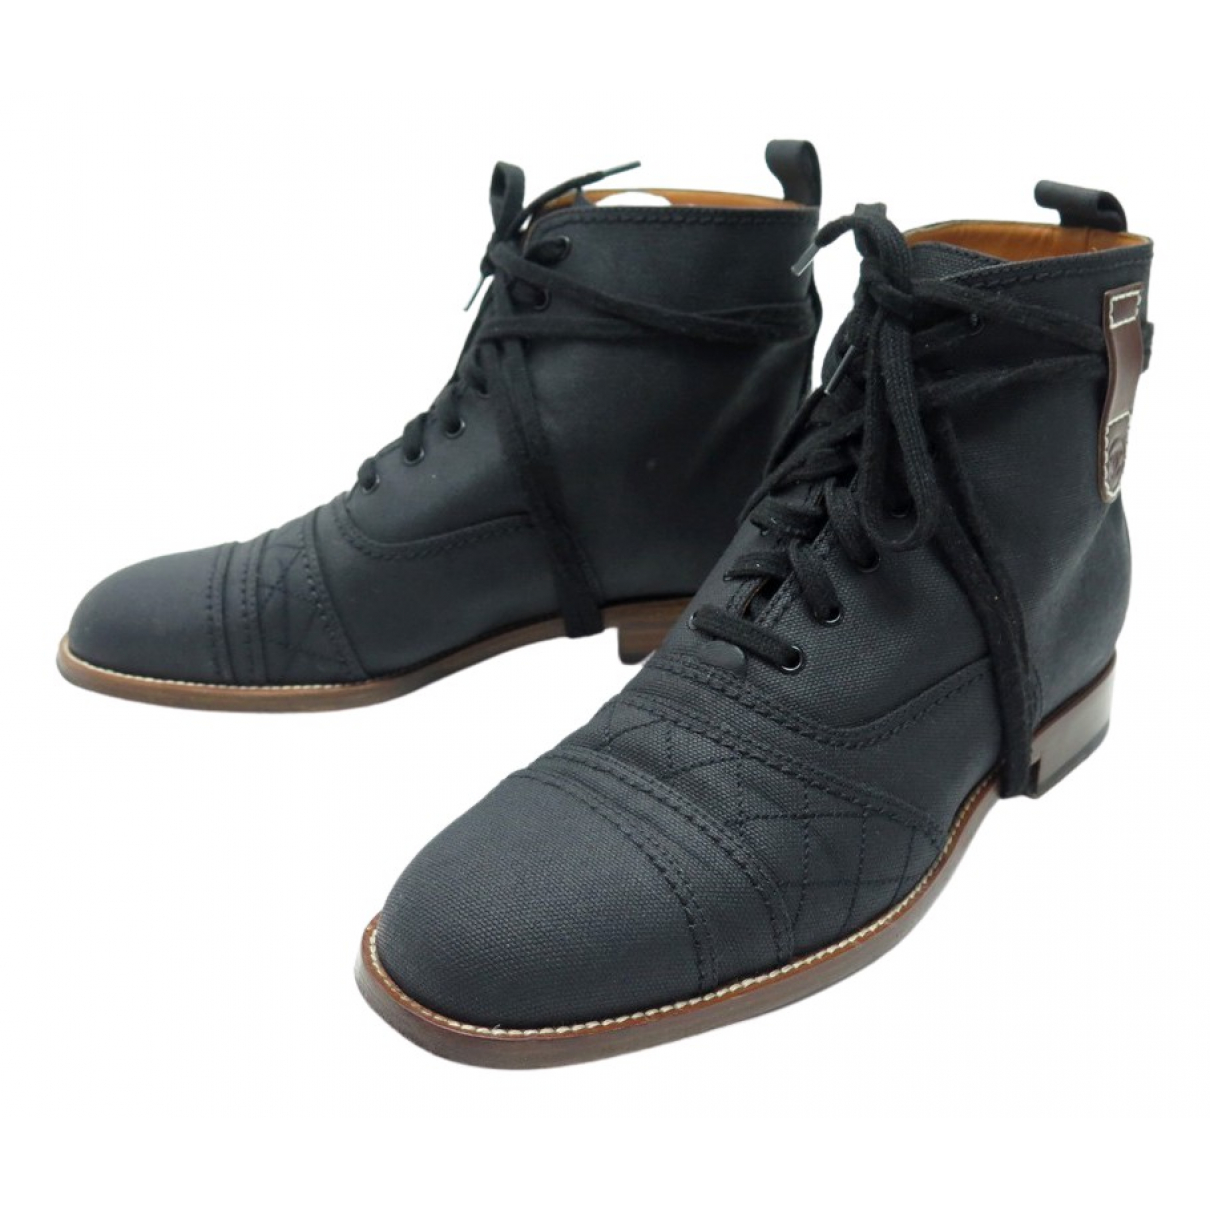 Chanel - Boots   pour femme en toile - noir